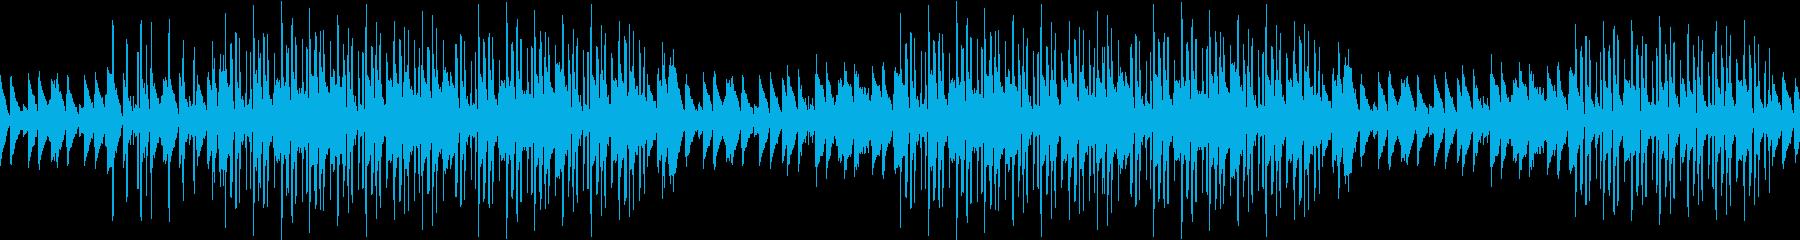 ピアノ・エンディング・切ない・ループの再生済みの波形